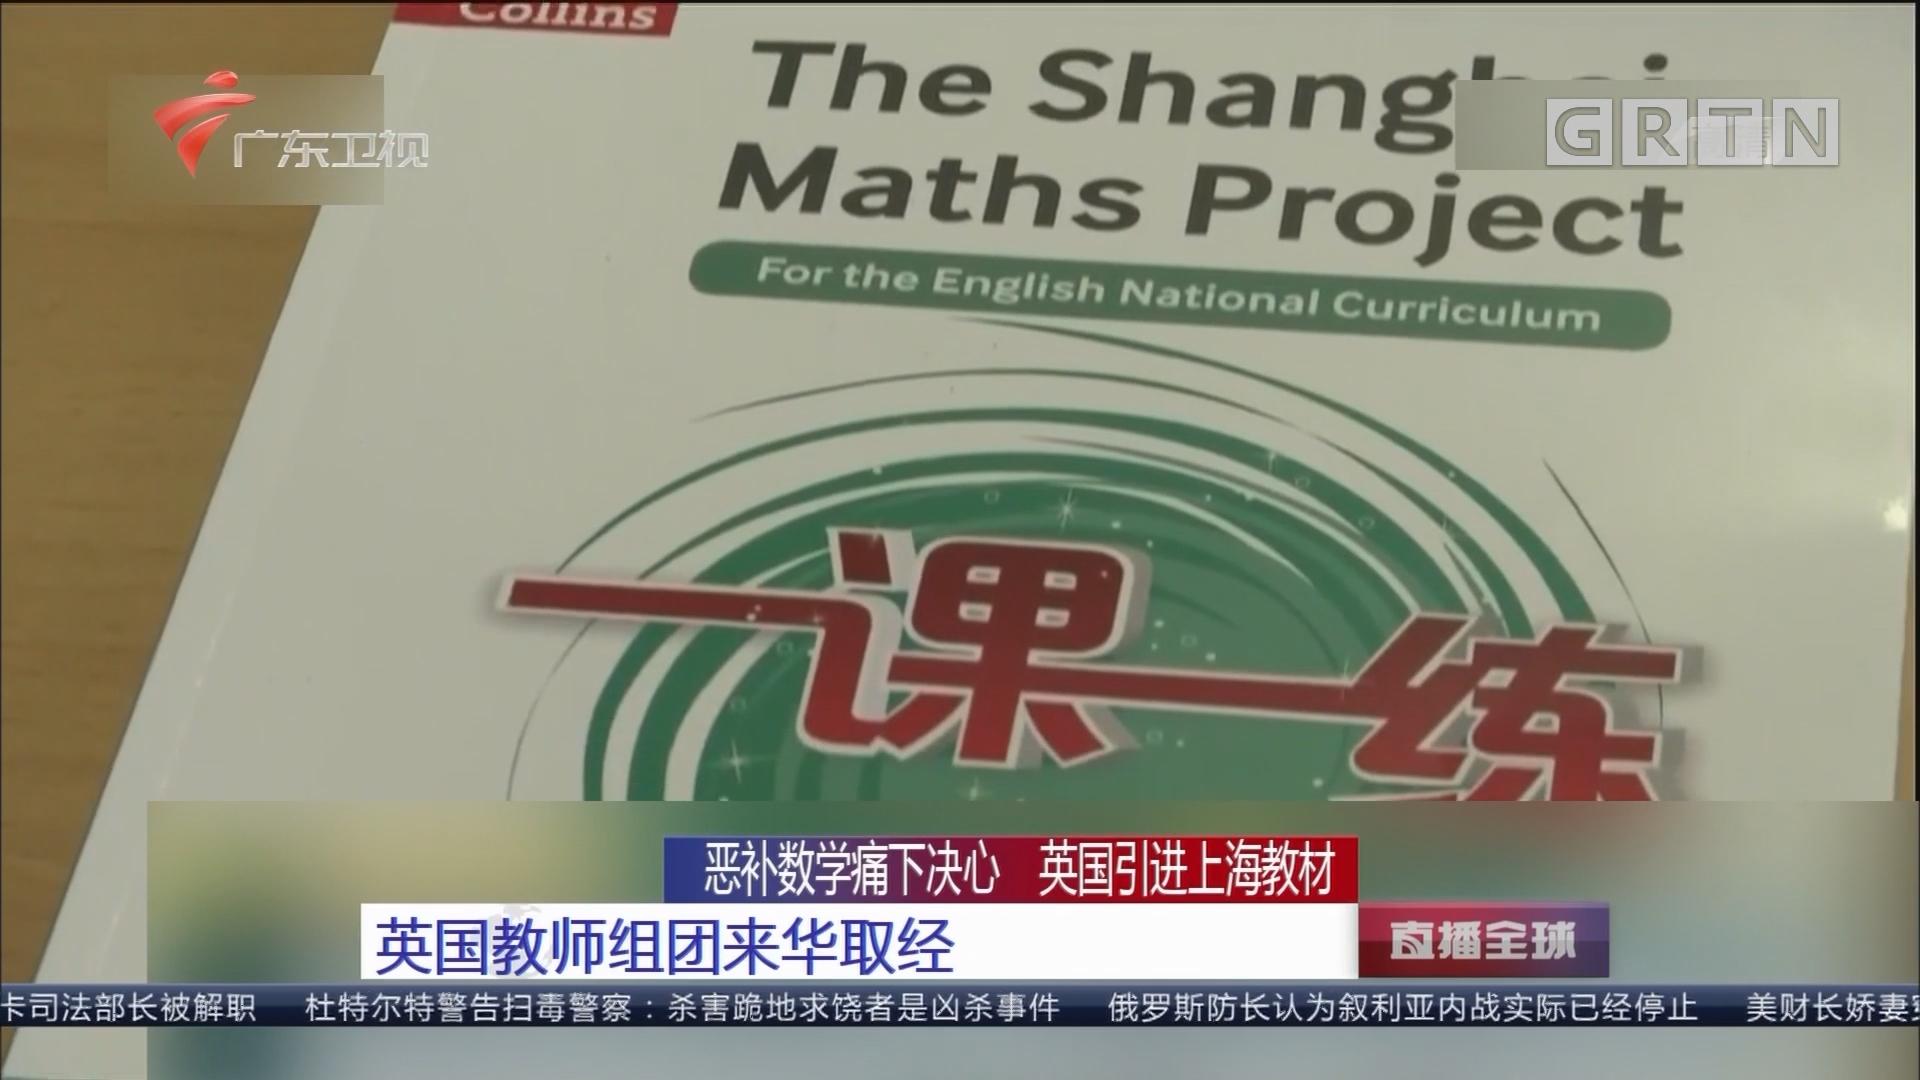 恶补数学痛下决心 英国引进上海教材:国际学生大比拼 英国数学拖后腿